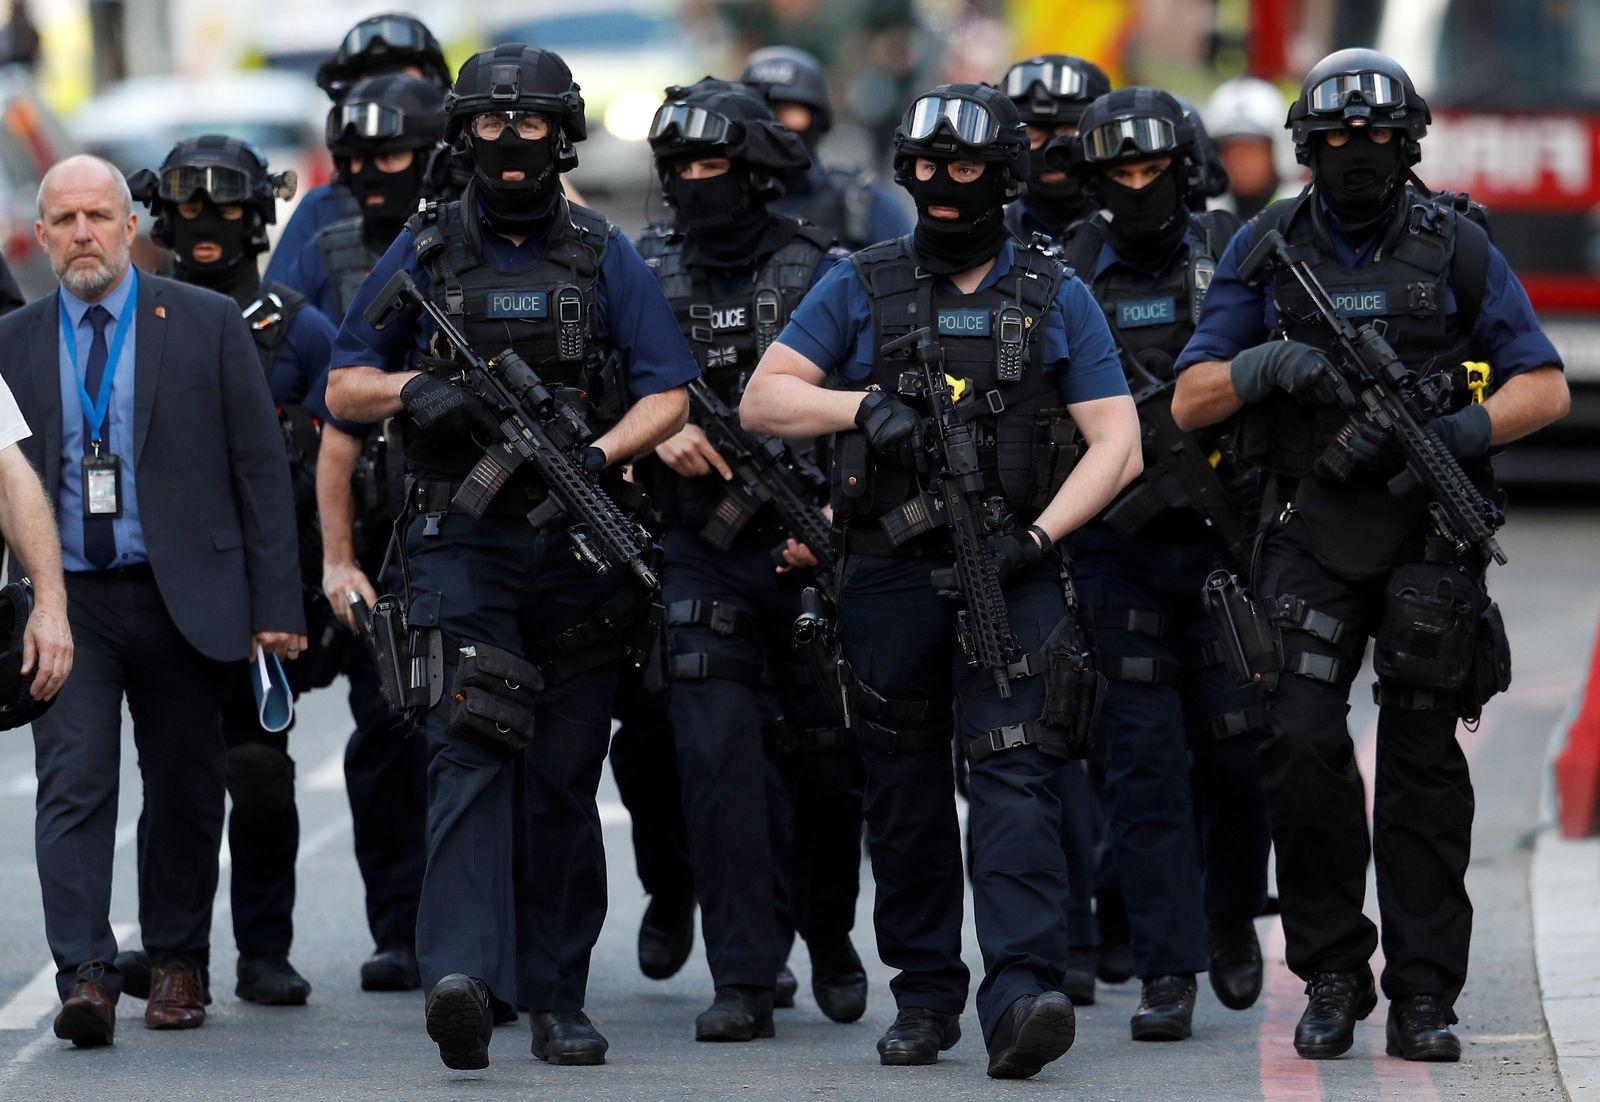 London/ Anschlag/ Newsblog